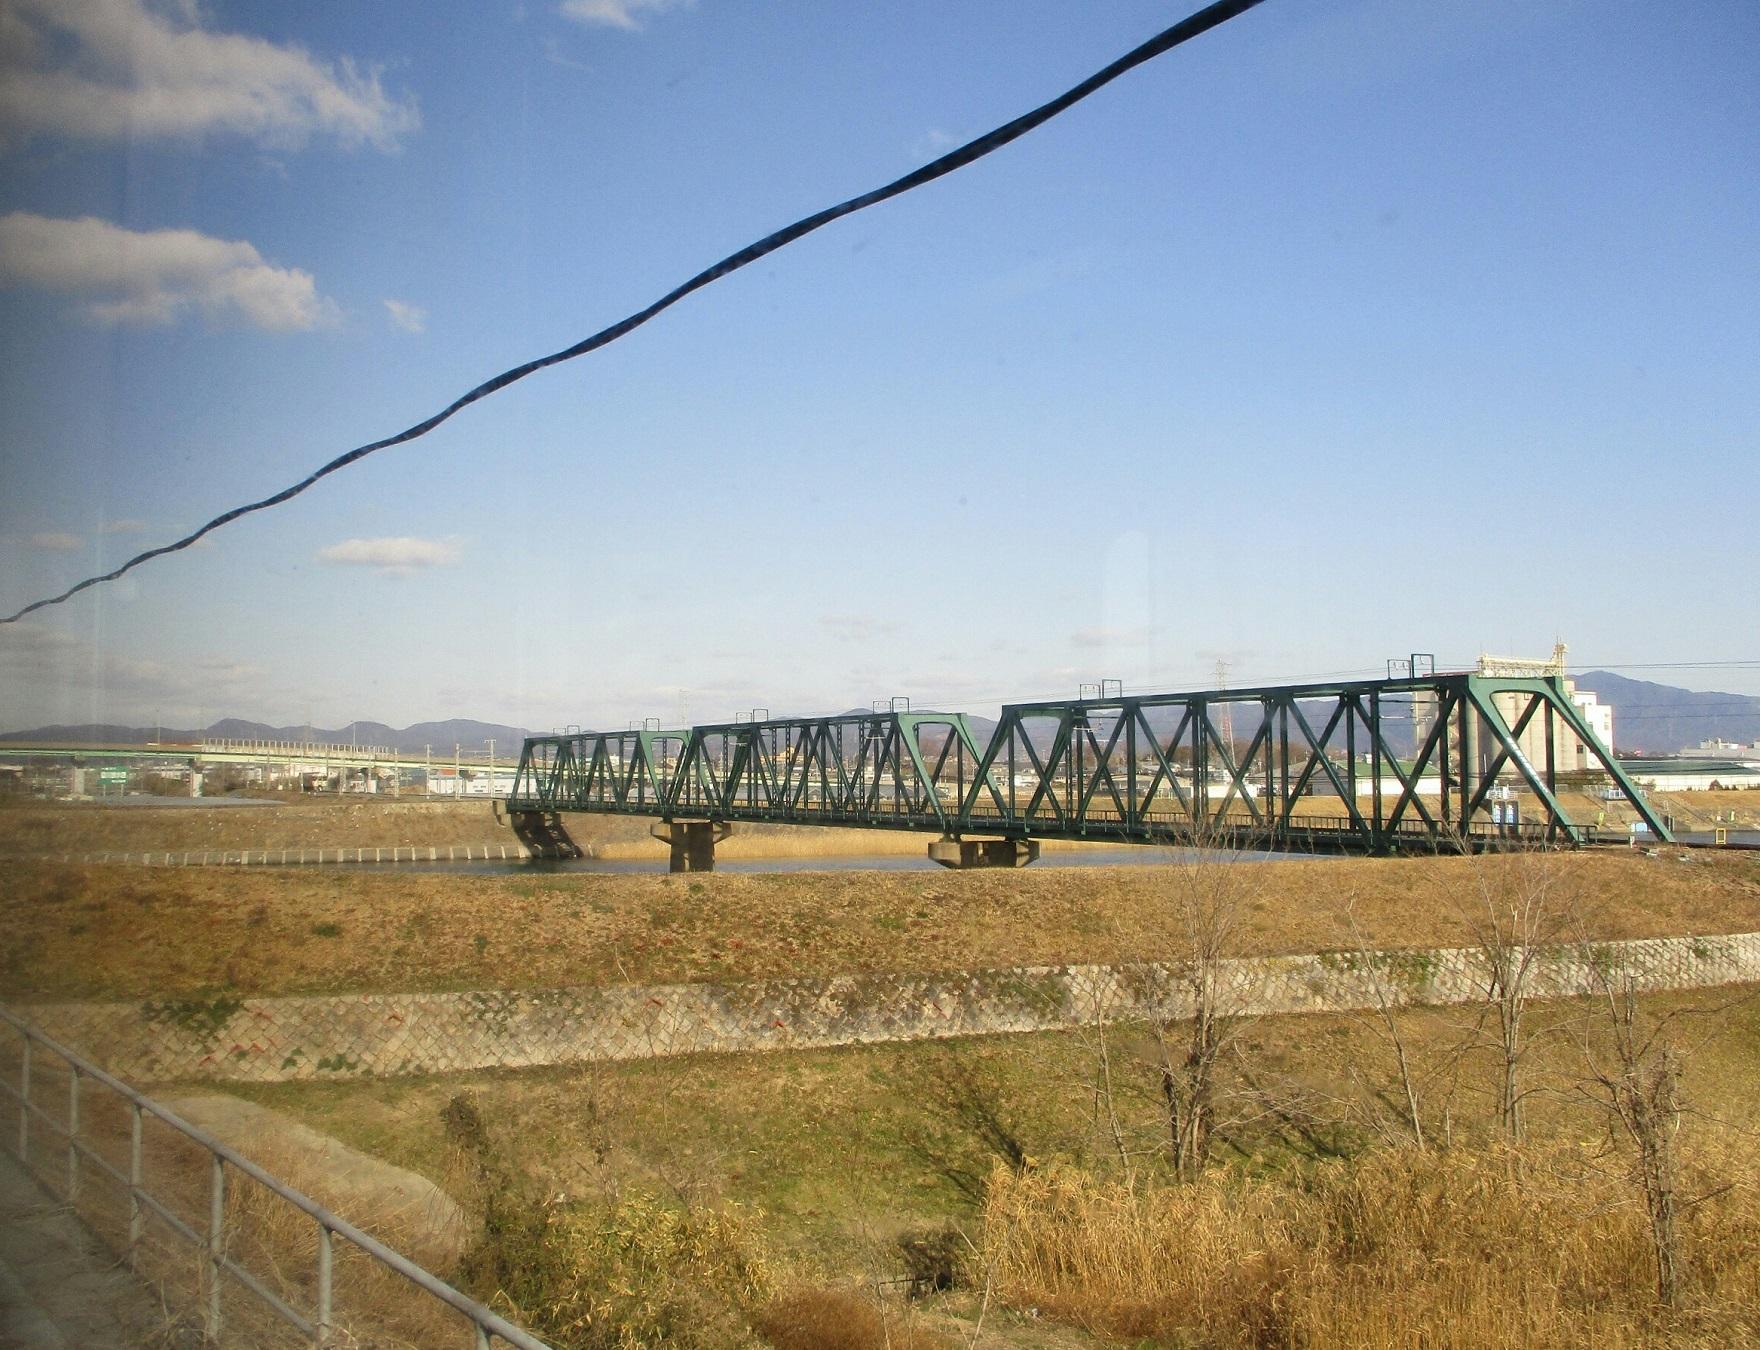 2019.1.24 (11) 飯田いき特急伊那路 - とよがわ放水路をわたる 1760-1350